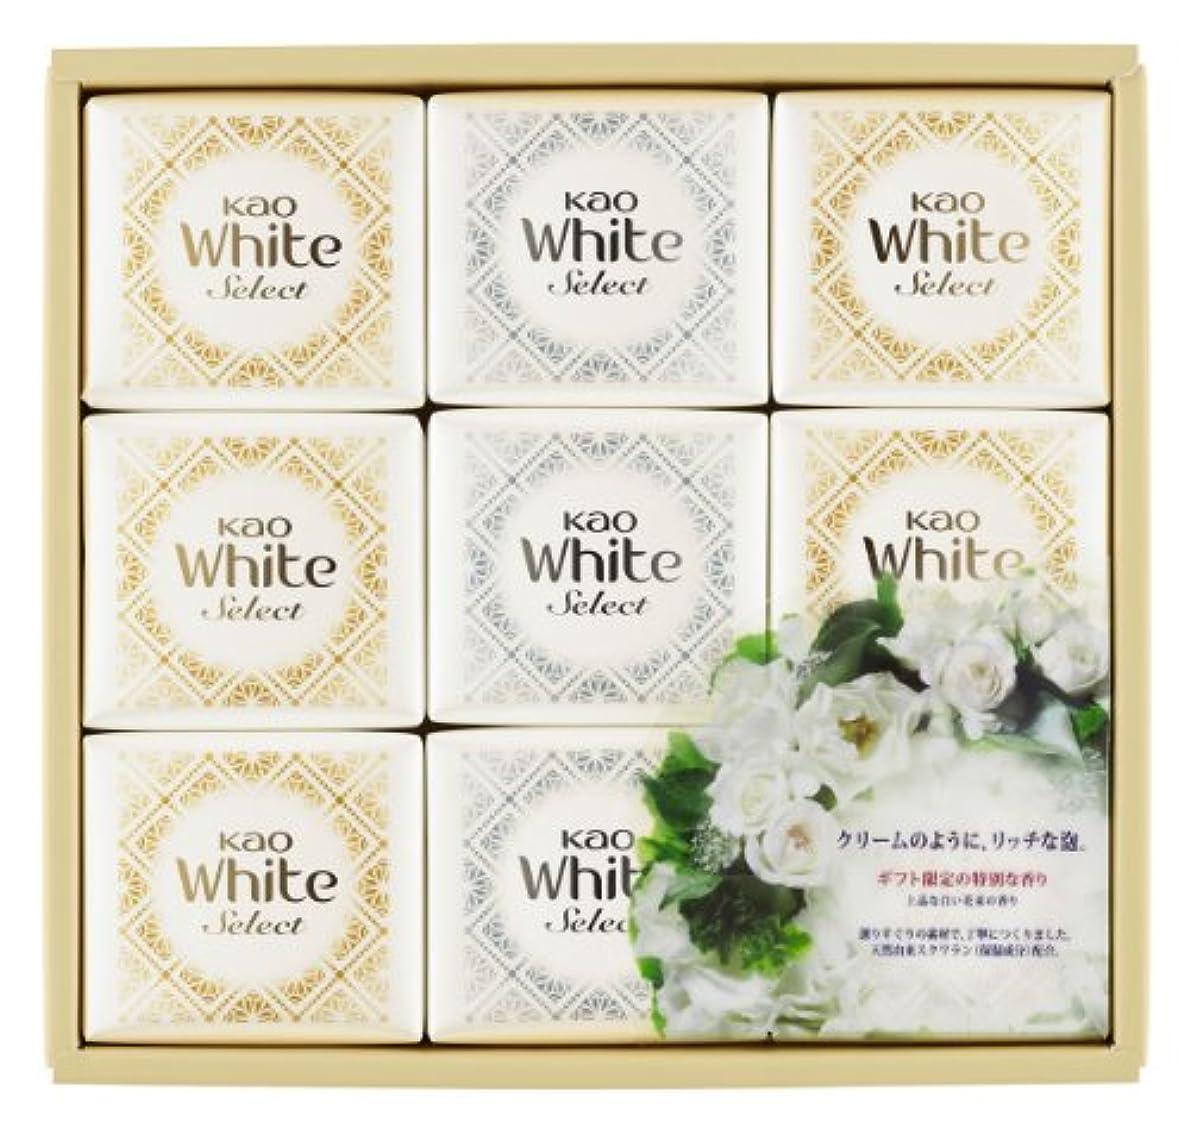 大腿カフェ現れる花王ホワイト セレクト 上品な白い花束の香り 85g 9コ K?WS-15